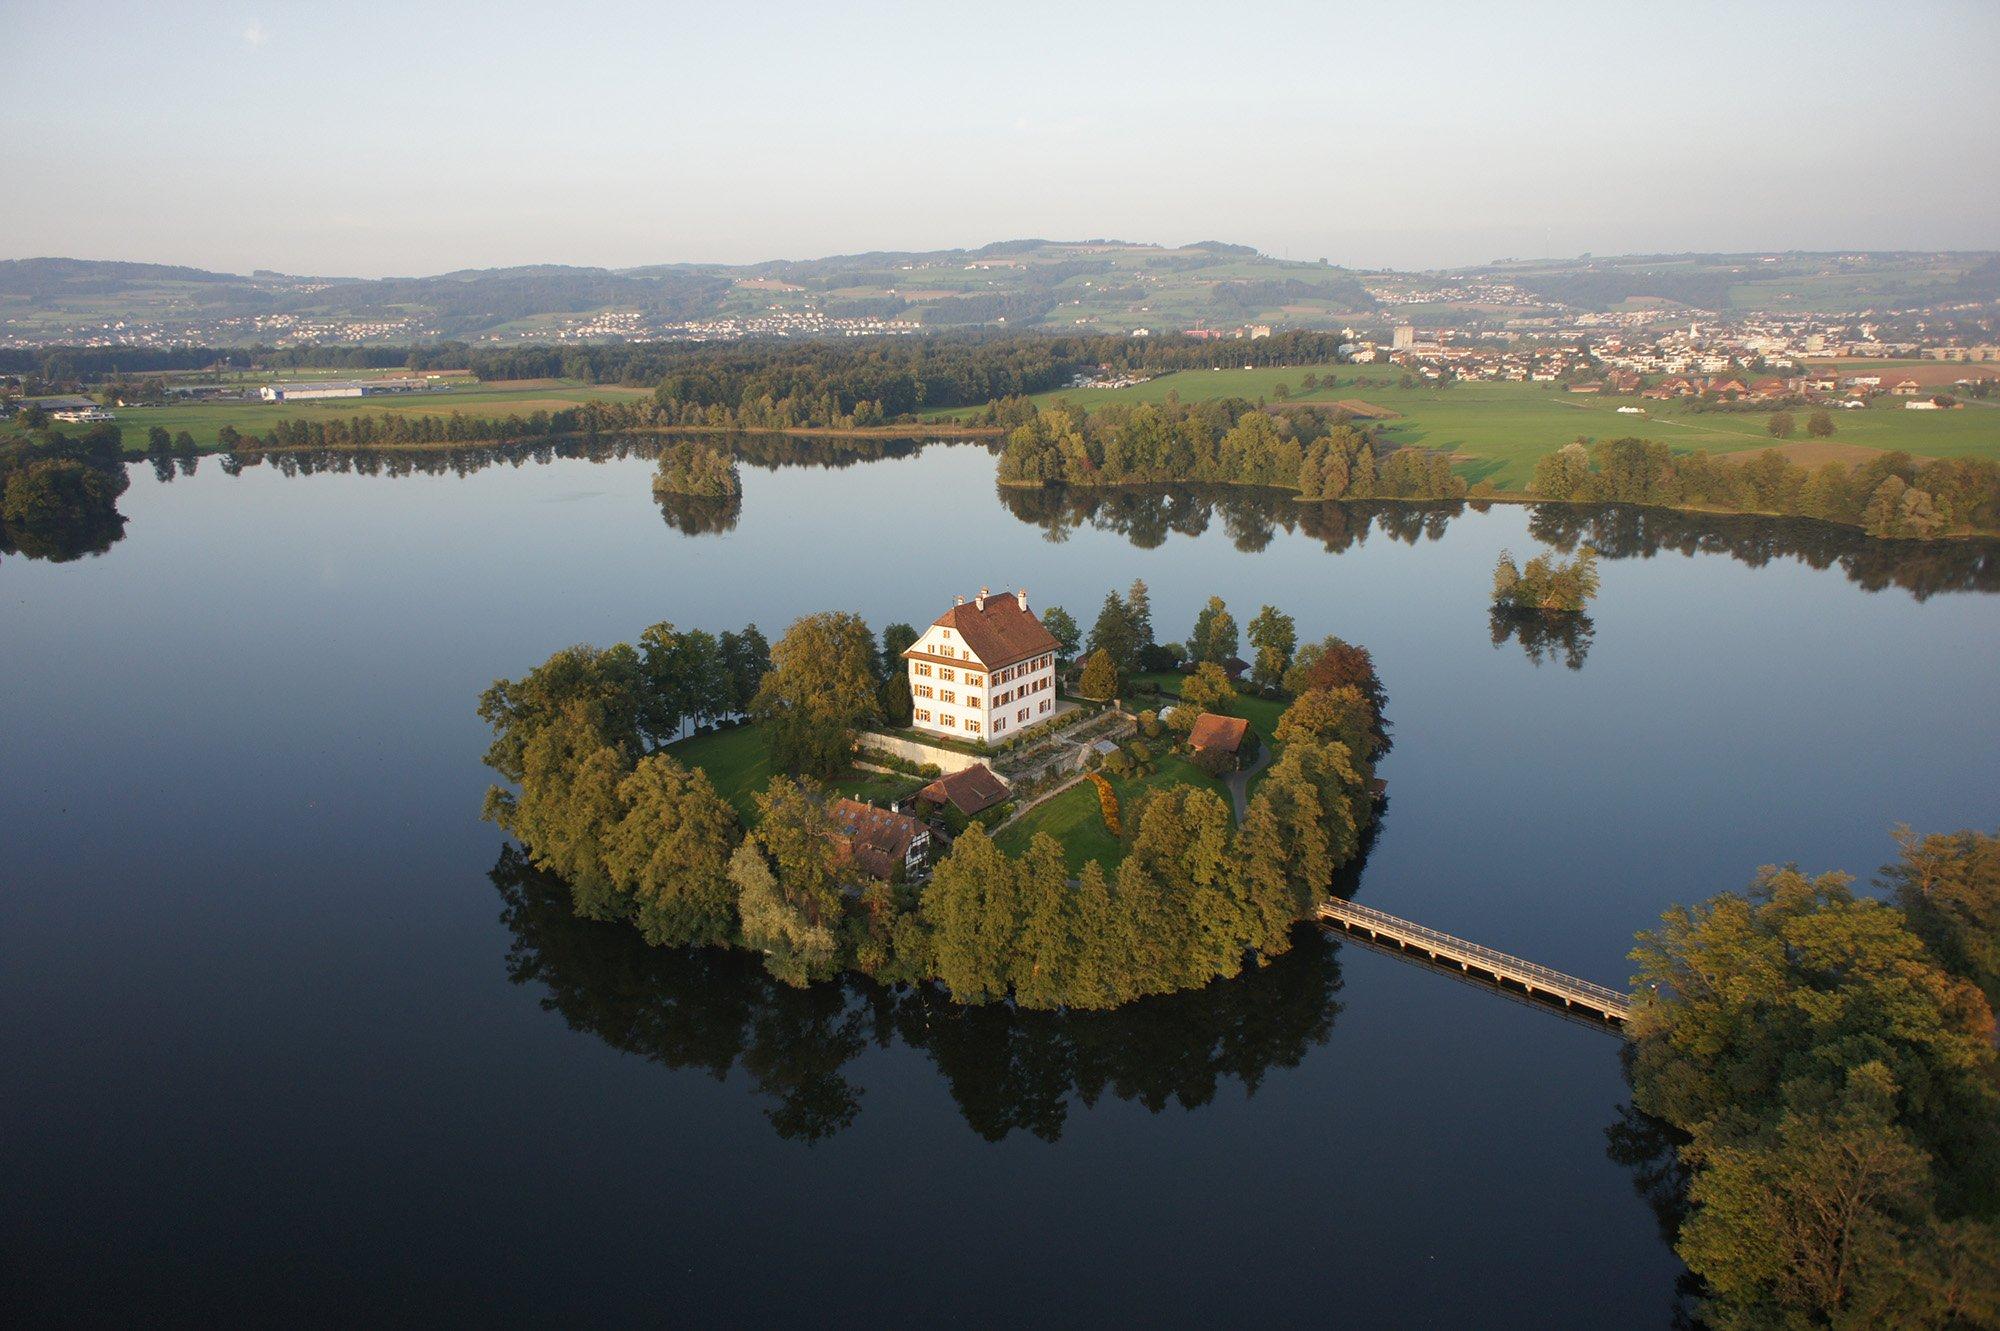 Das Schloss Mauensee muss sich bei Kriegszeiten nur die Zufahrtsstrasse blockieren. (Emanuel Ammon/AURA Fotoagentur)